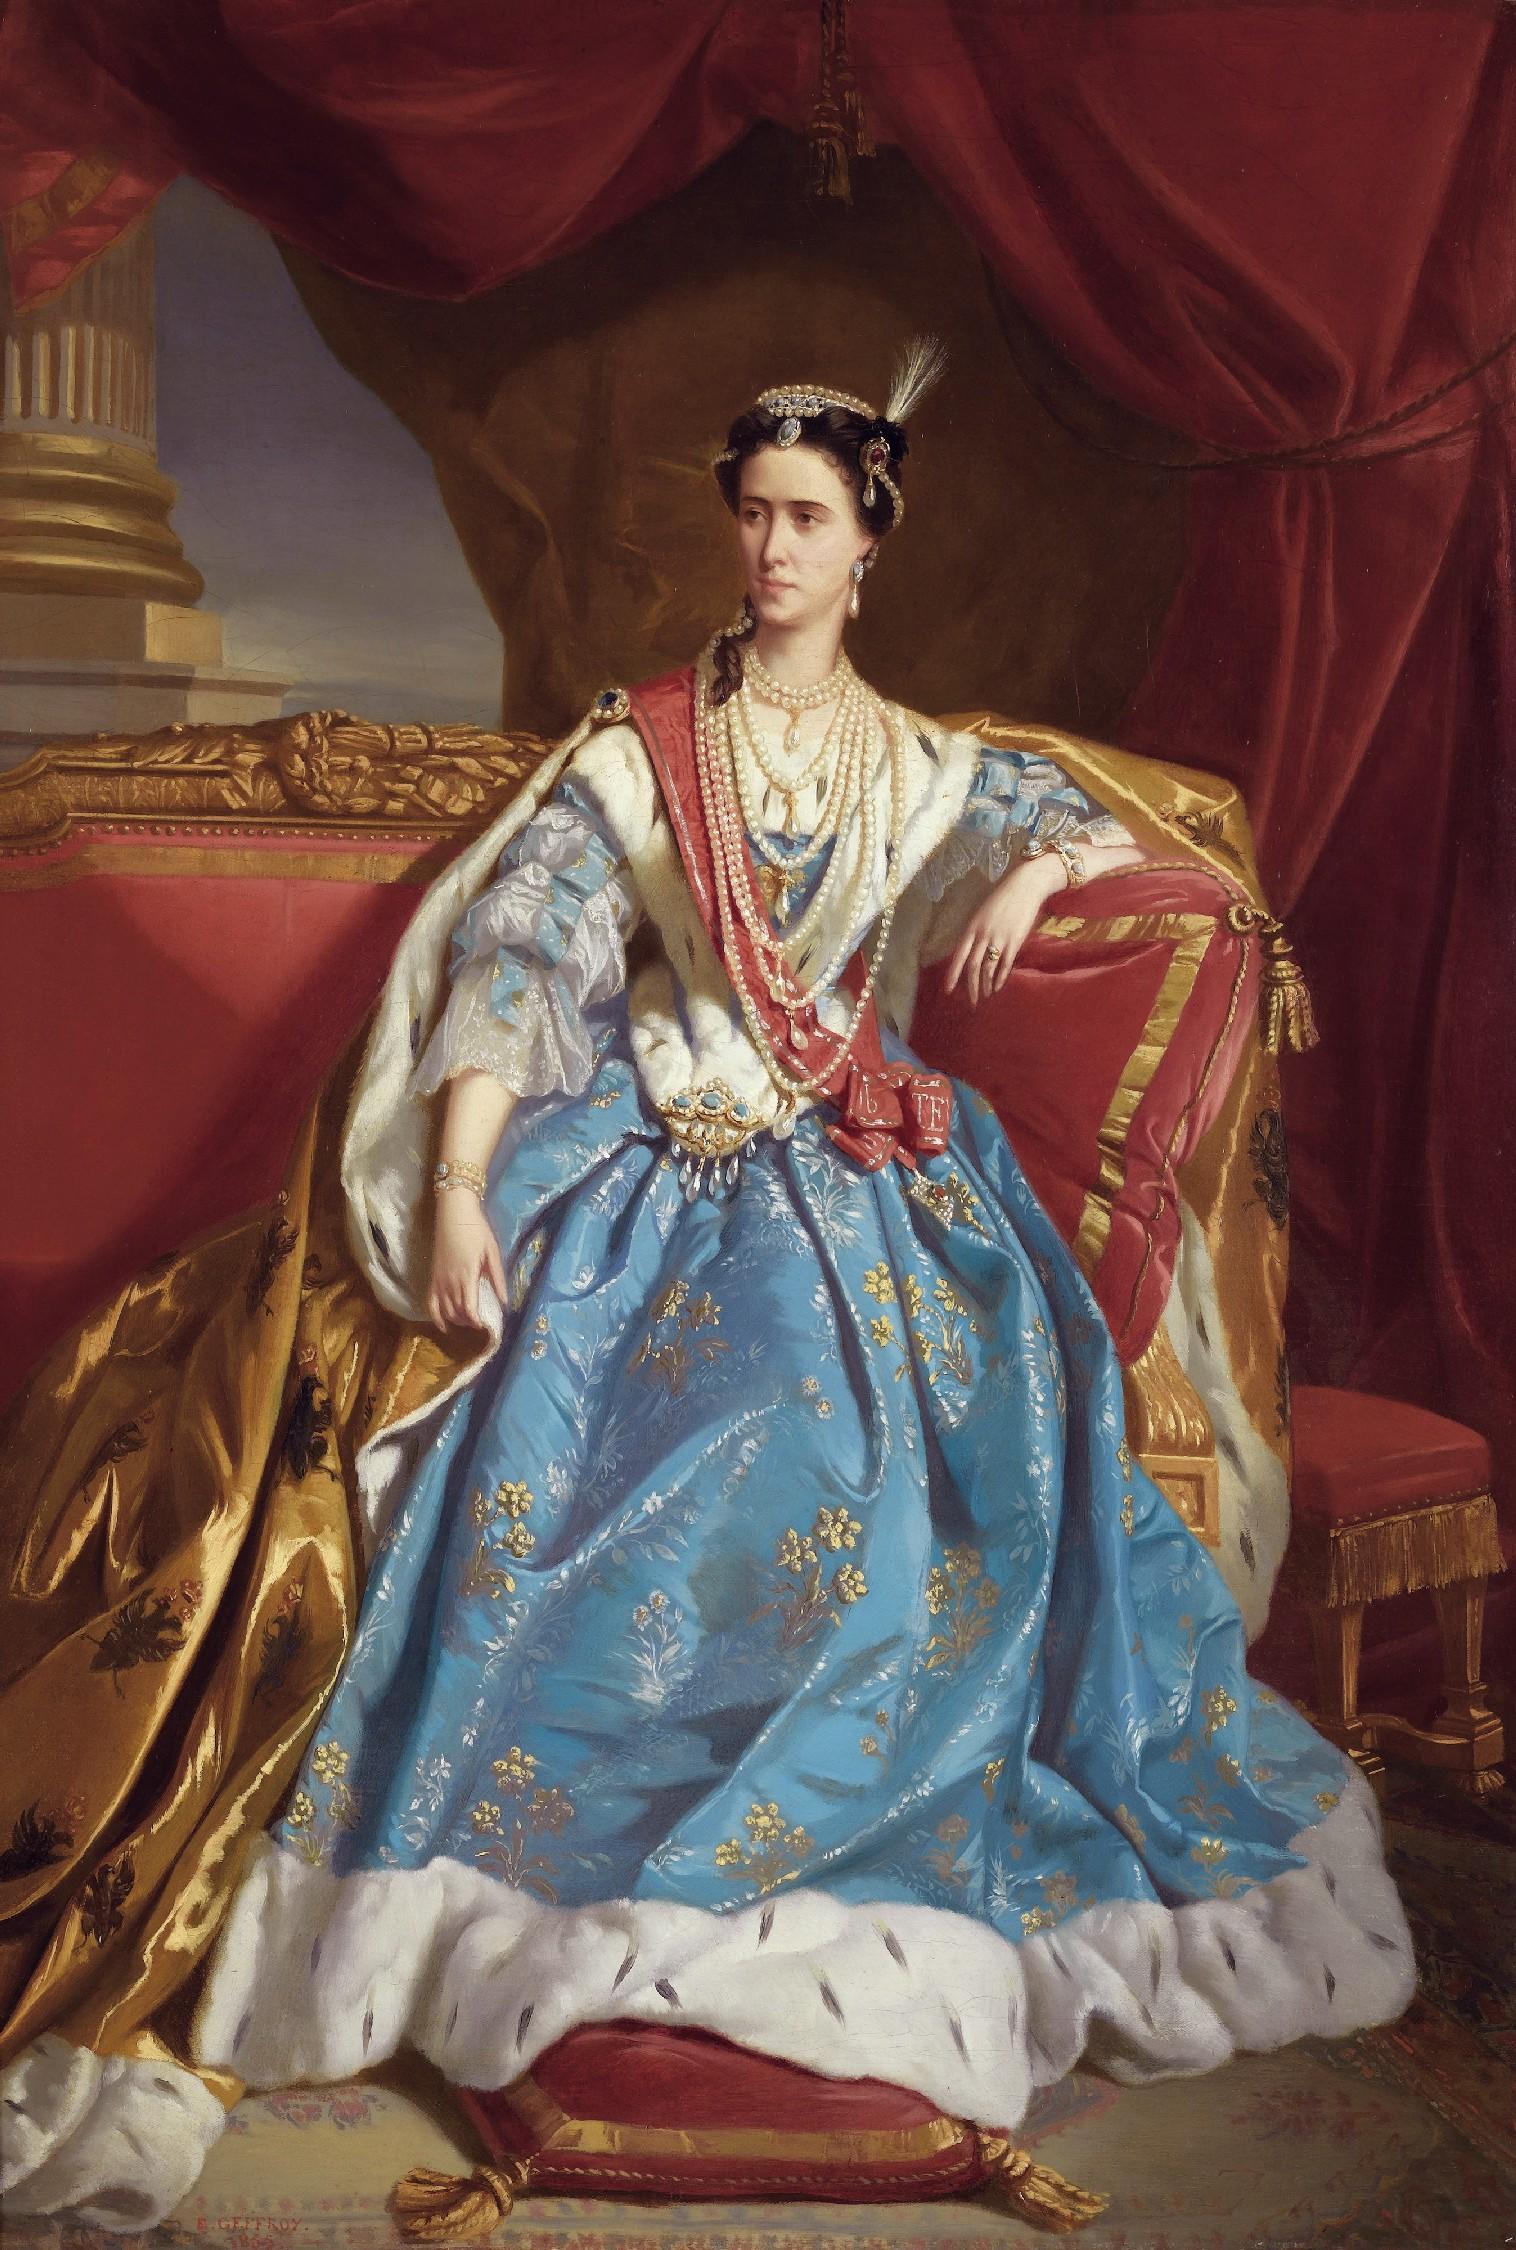 Edmond-Aimé-Florentin Geoffroy, Mademoiselle Rachel dans le rôle de Catherine première de Russie